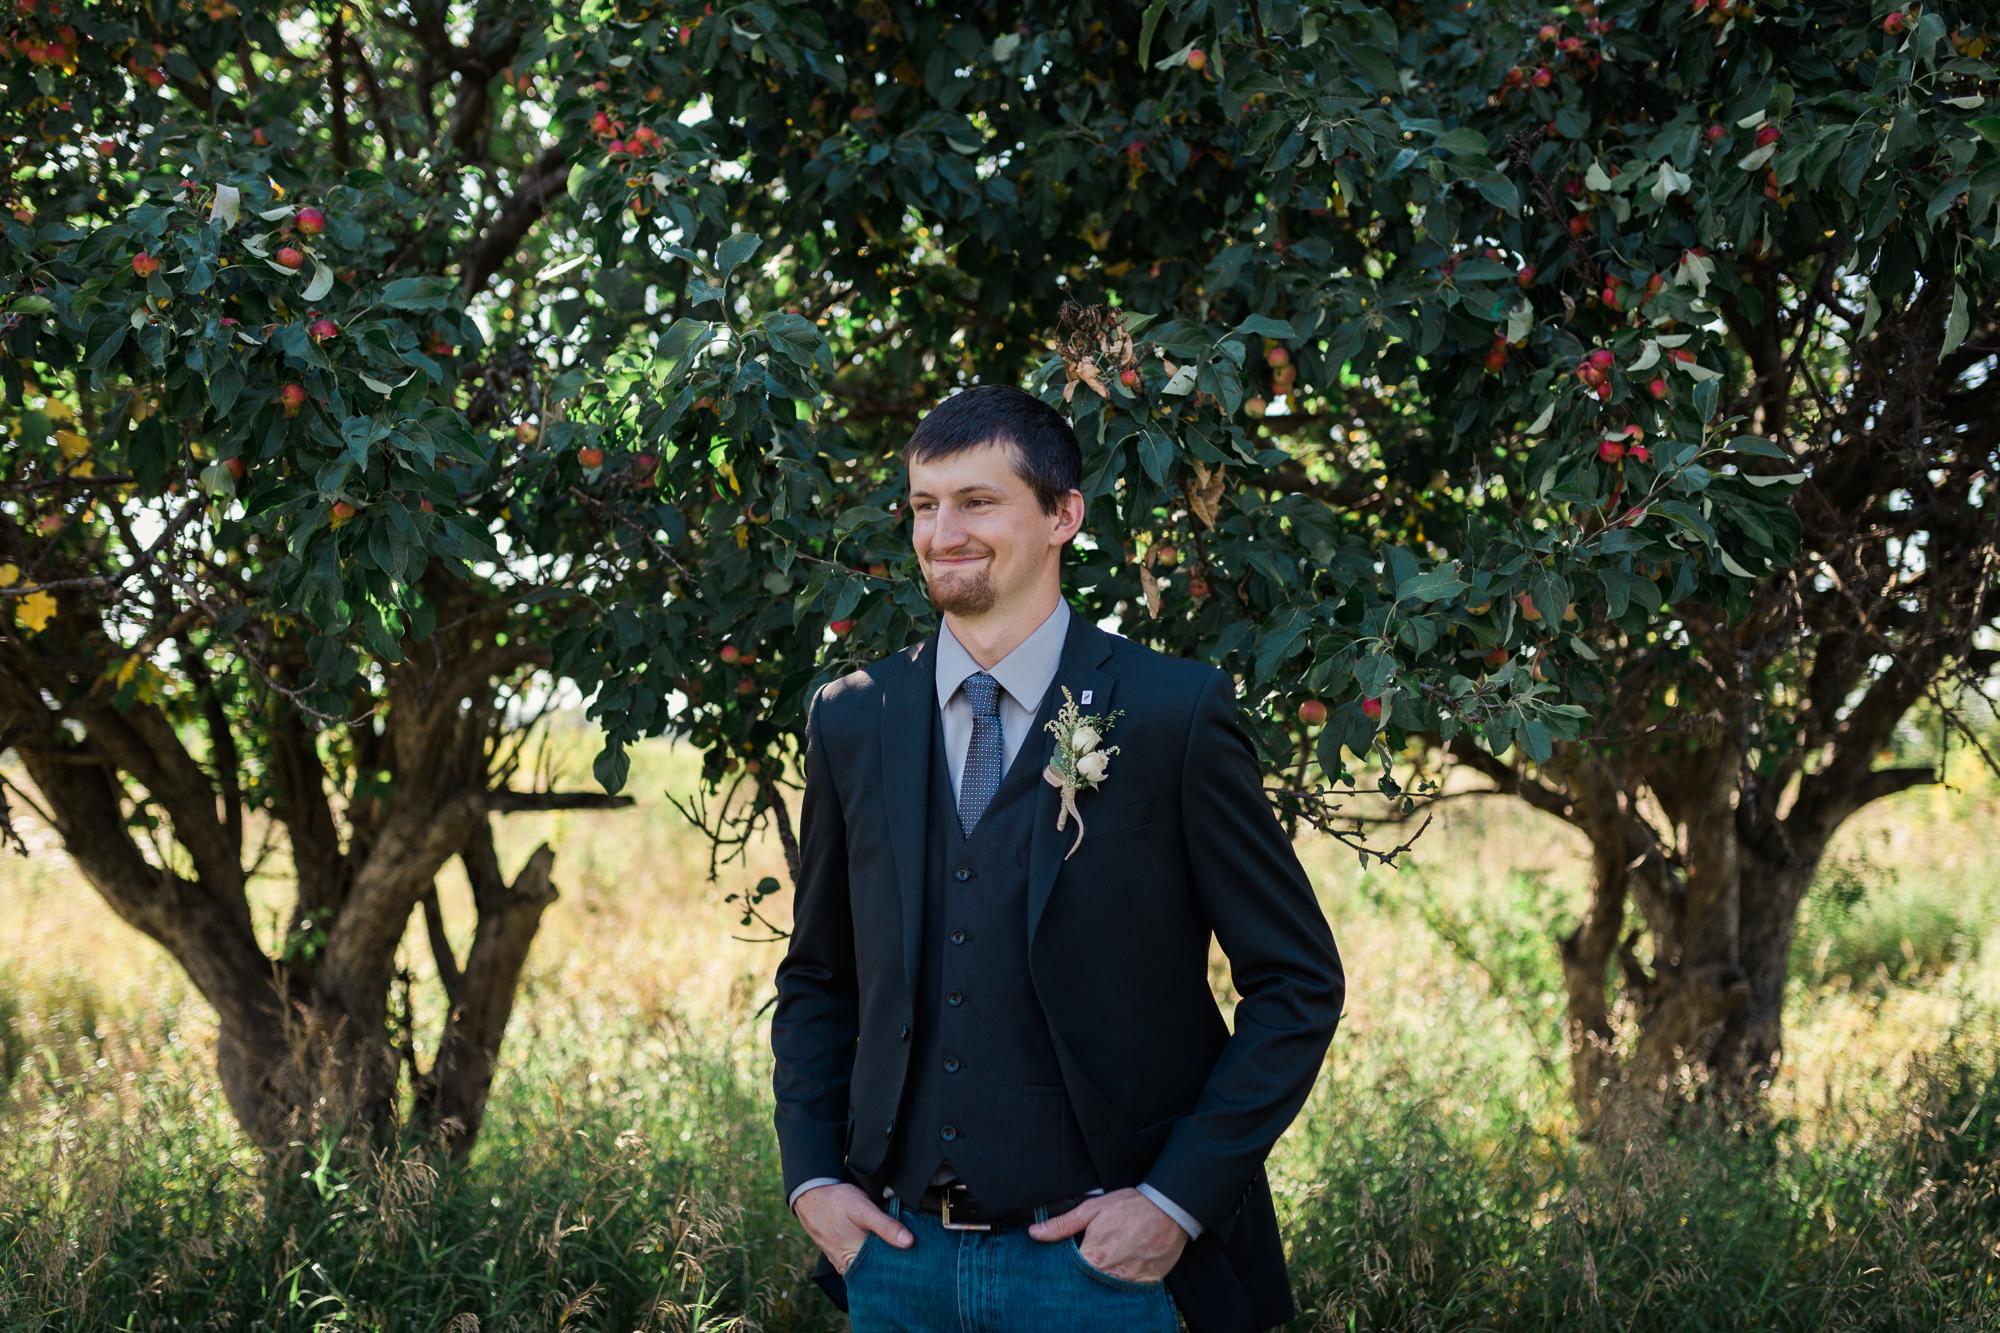 Deanna-Rachel-Photography-calgary-Wedding-photographer-jm-59.jpg